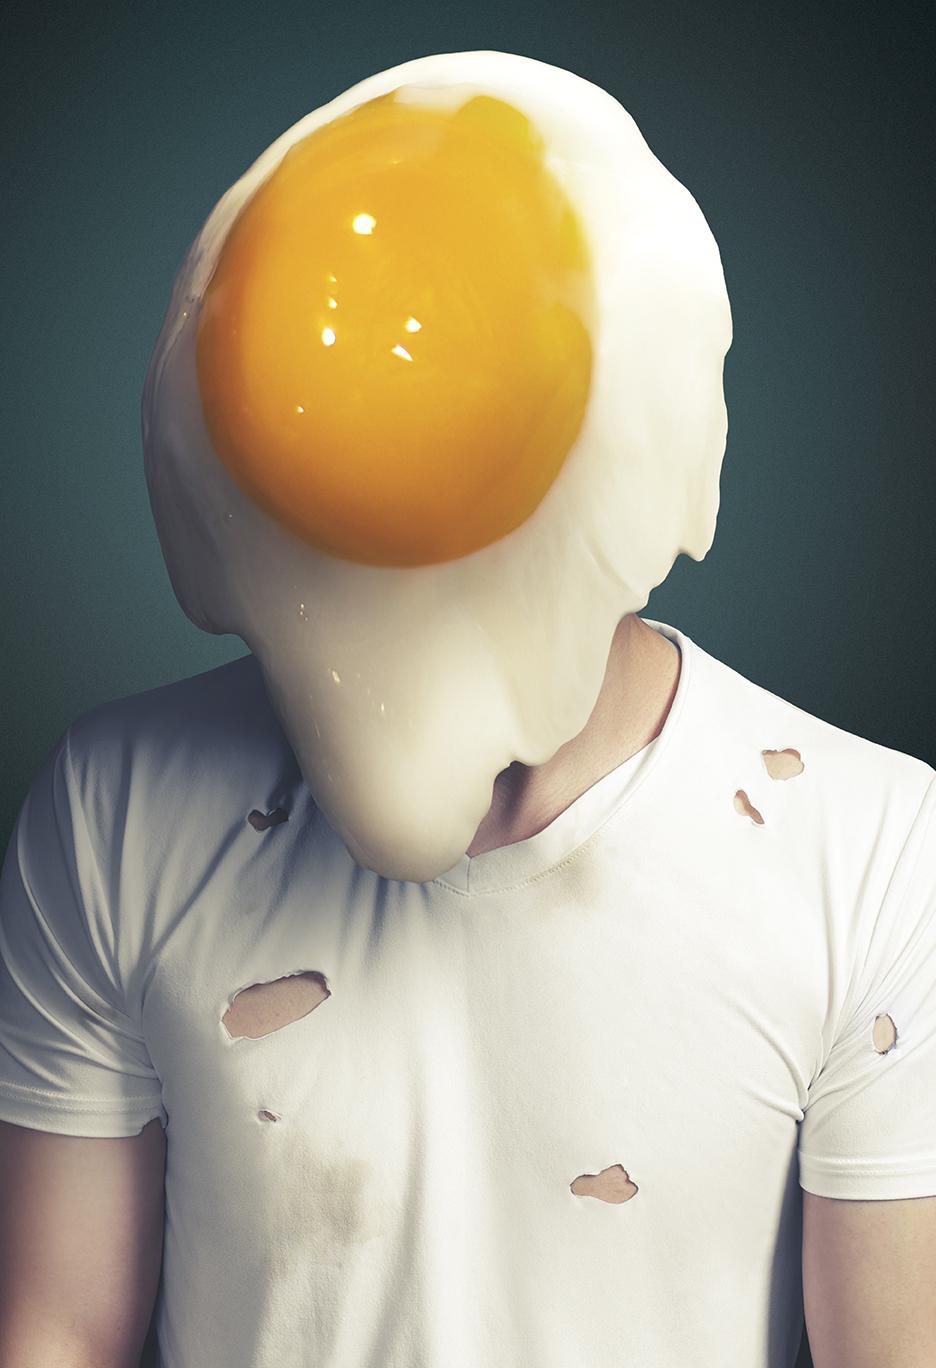 egg_web.jpg